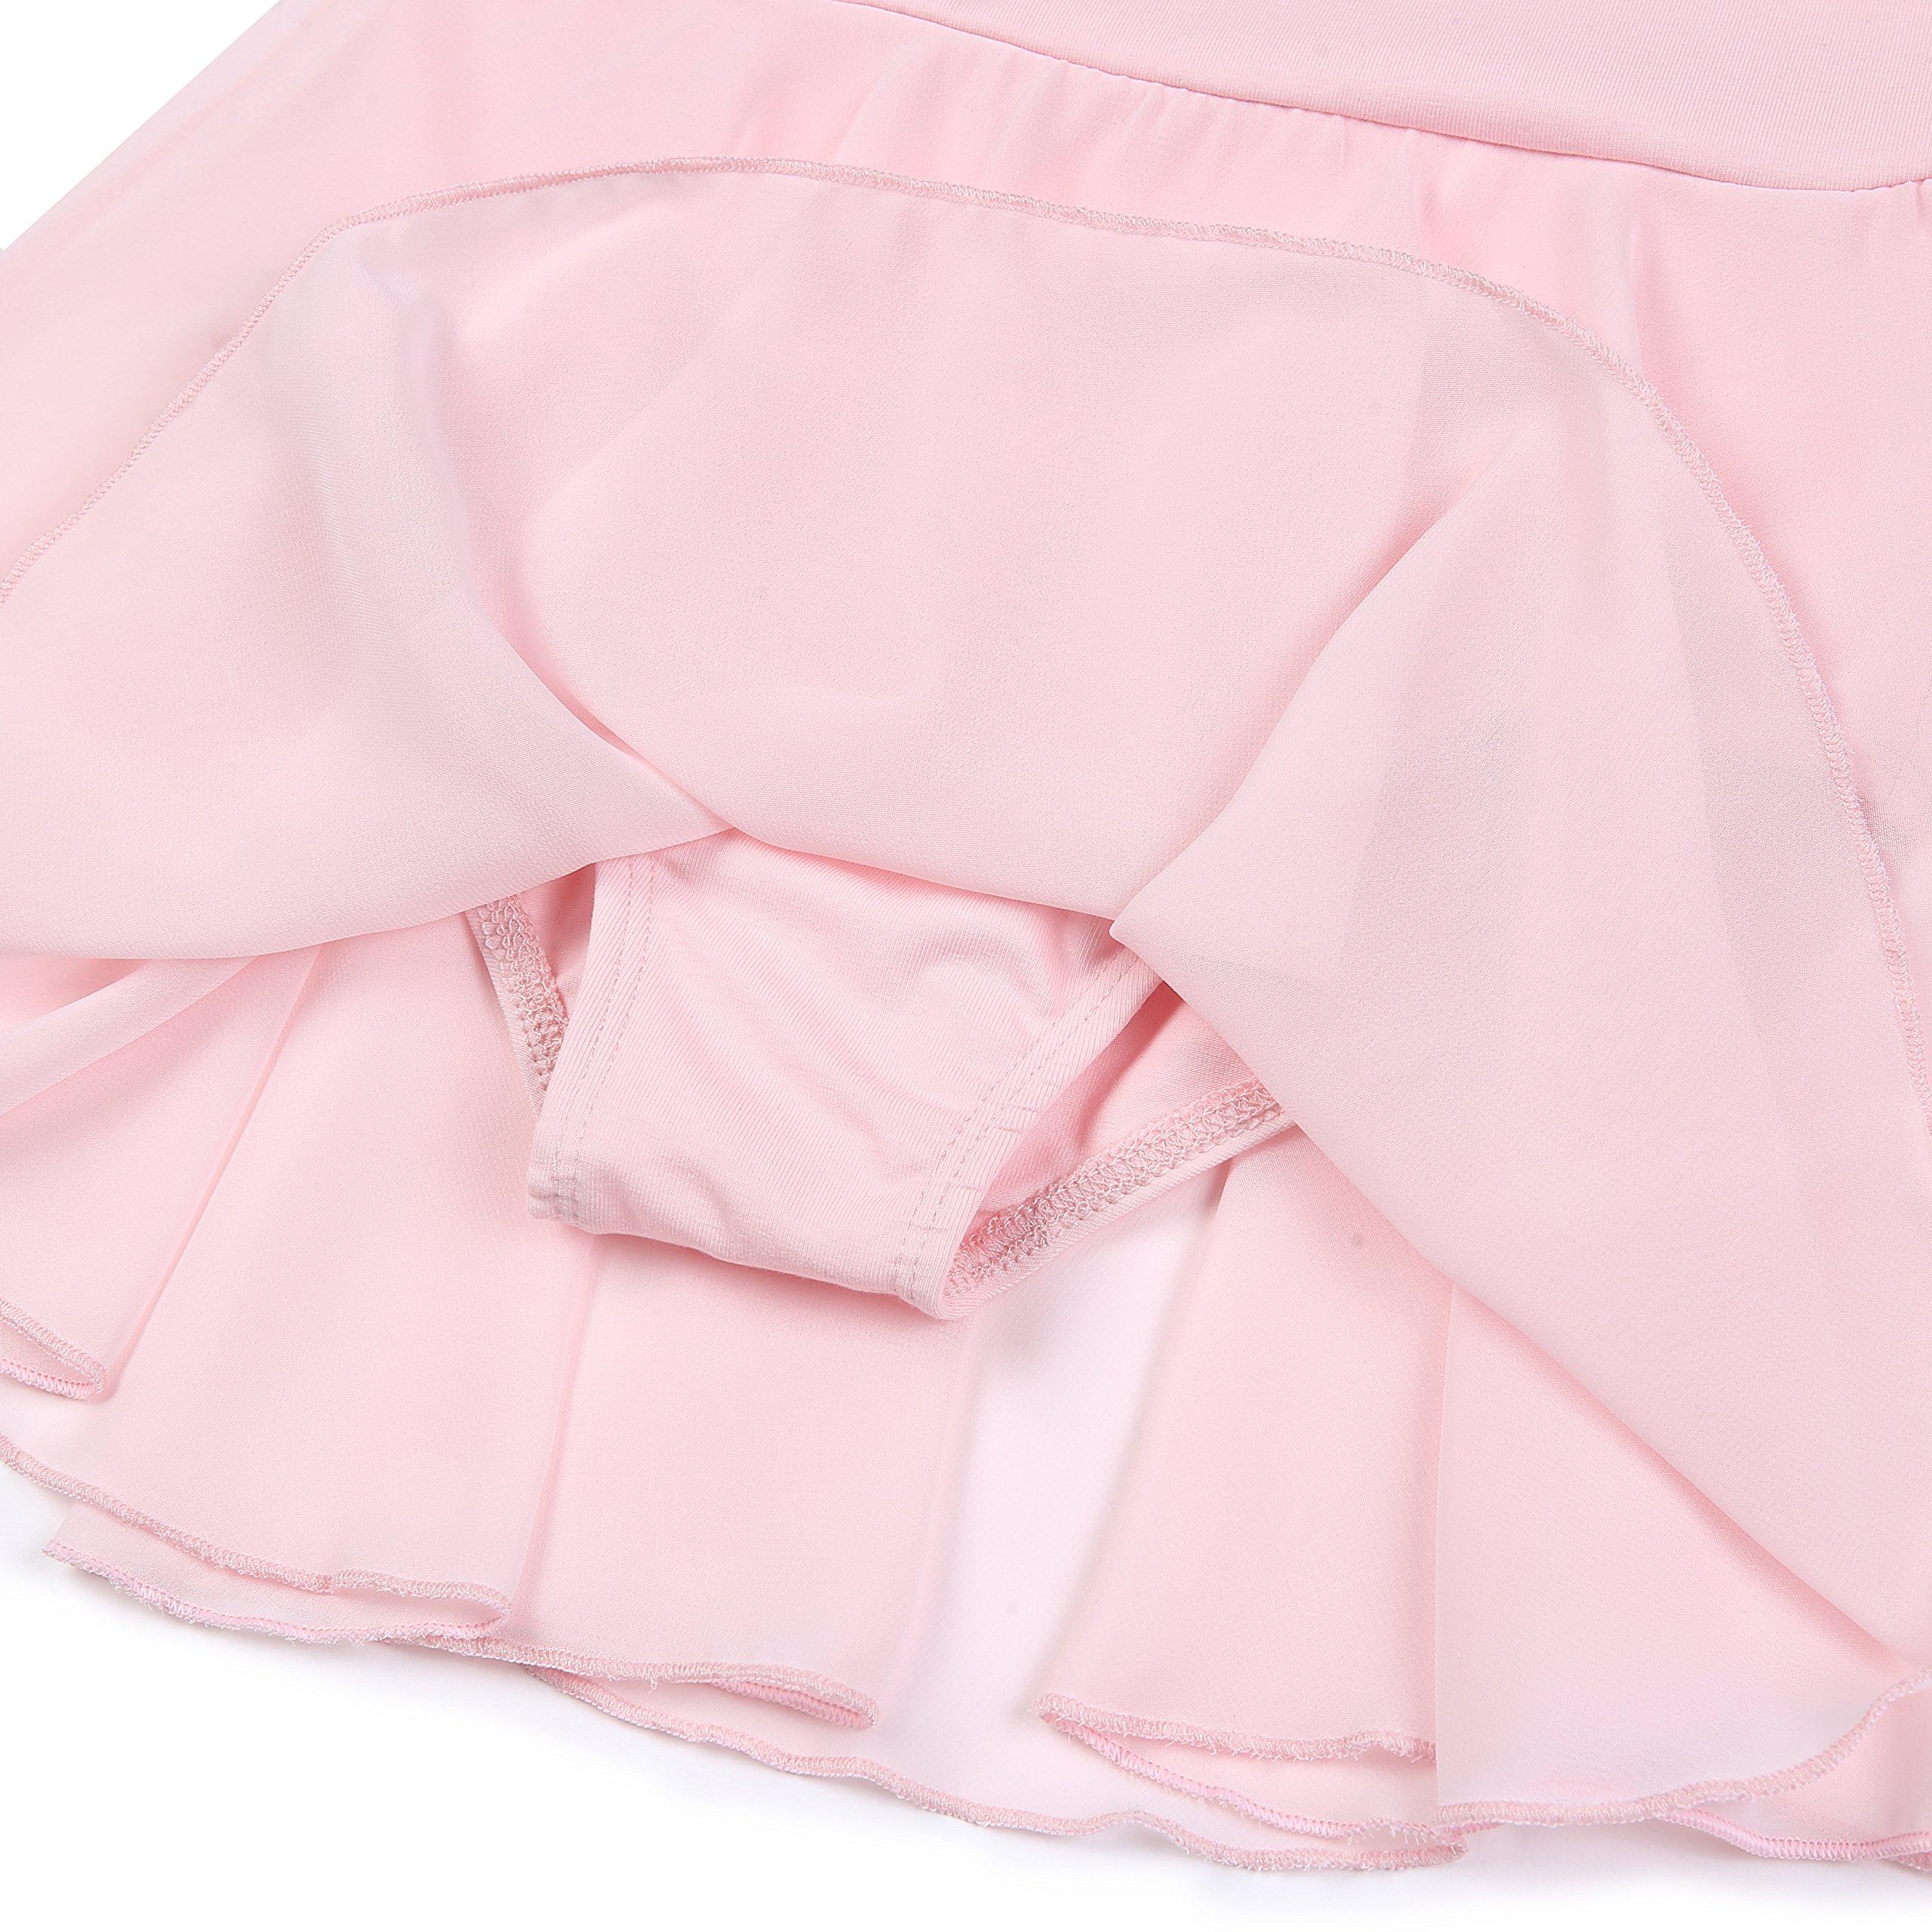 405c09bd51fe9 STELLE Girls' Ruffle Short Sleeve Tutu Skirted Ballet Dress Leotard for  Dance ...